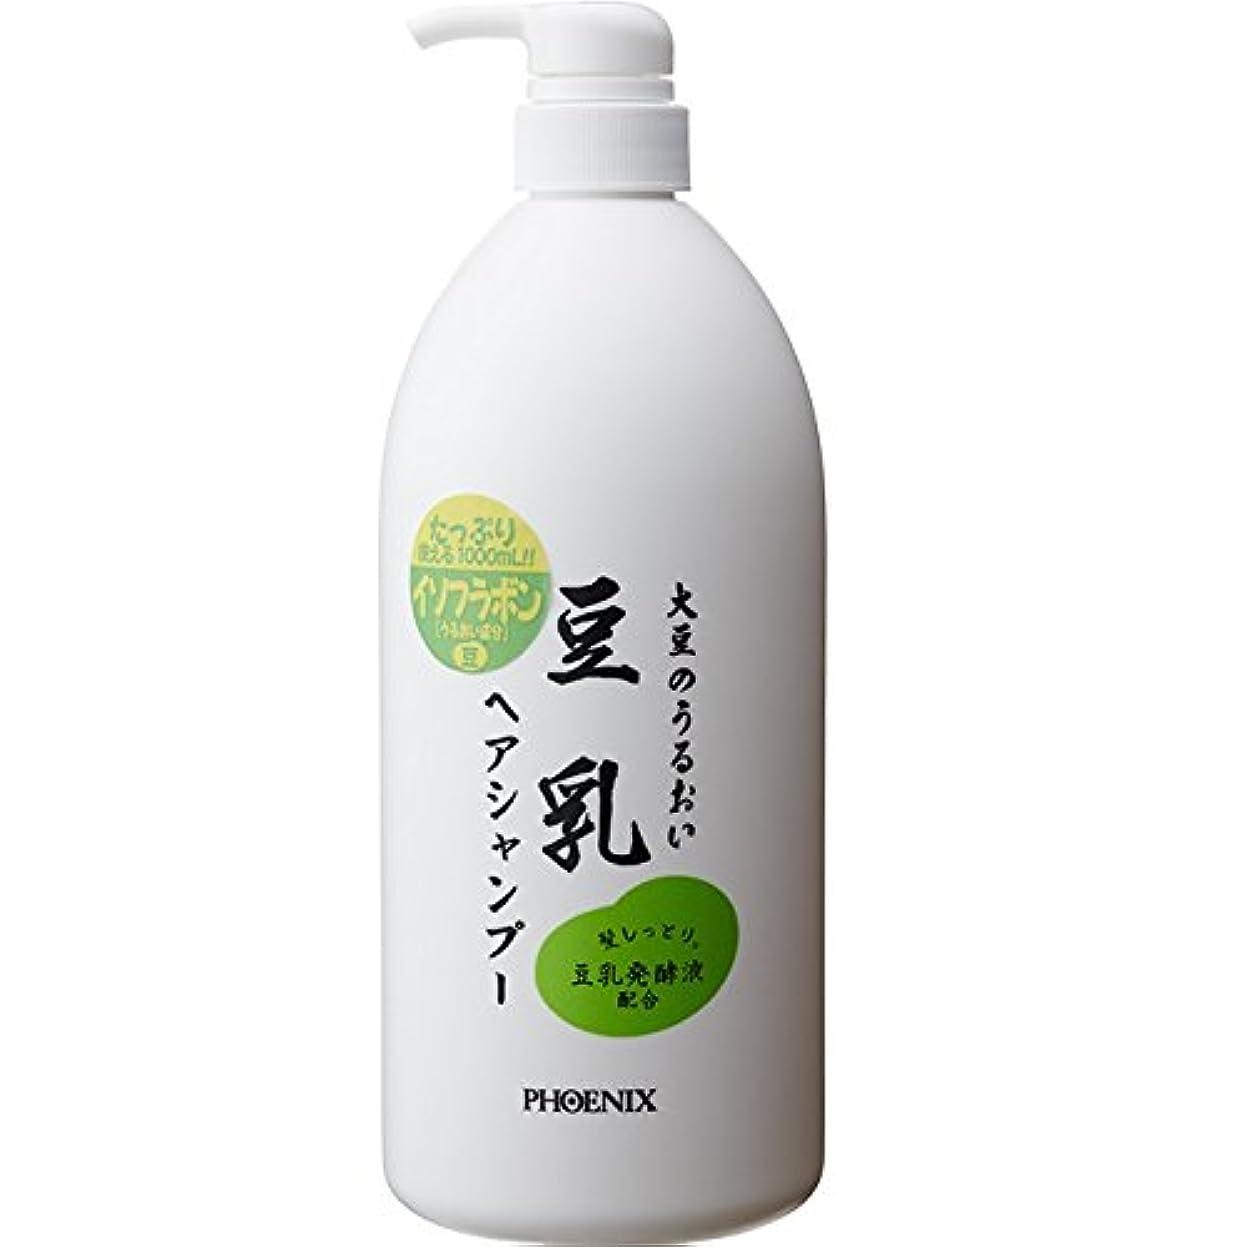 太い樹皮趣味【ケース販売】豆乳ヘアシャンプー 1L×10本